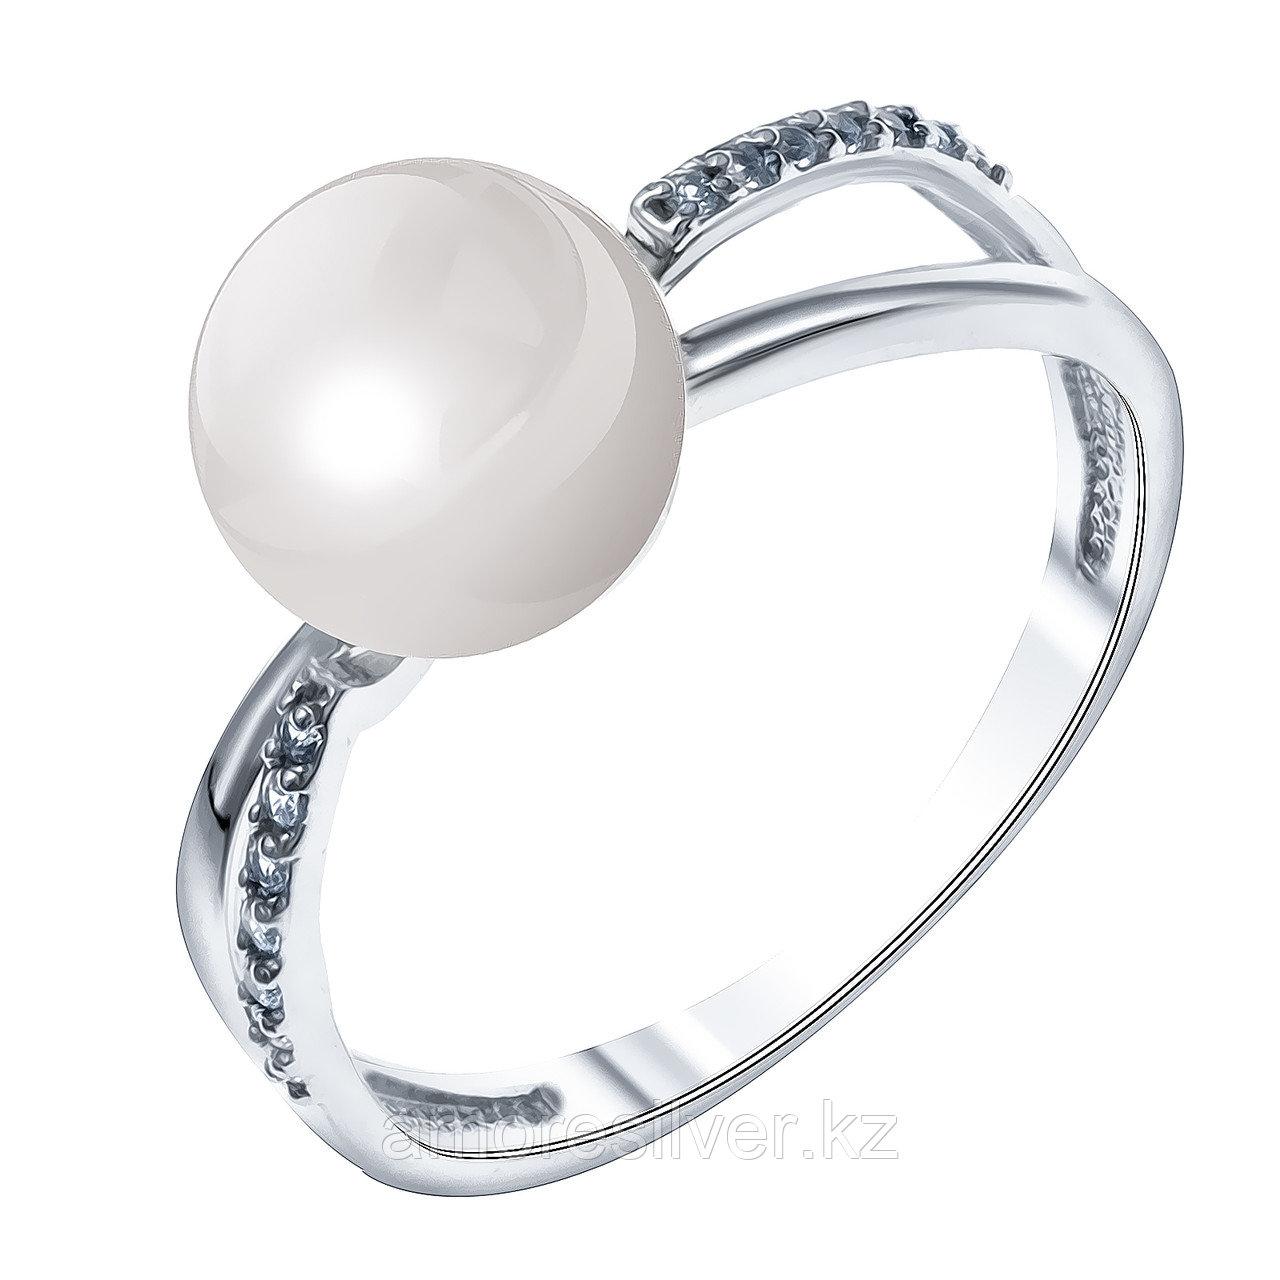 Серебряное кольцо с фианитом и жемчугом культ.  Teosa 190-5-422Р